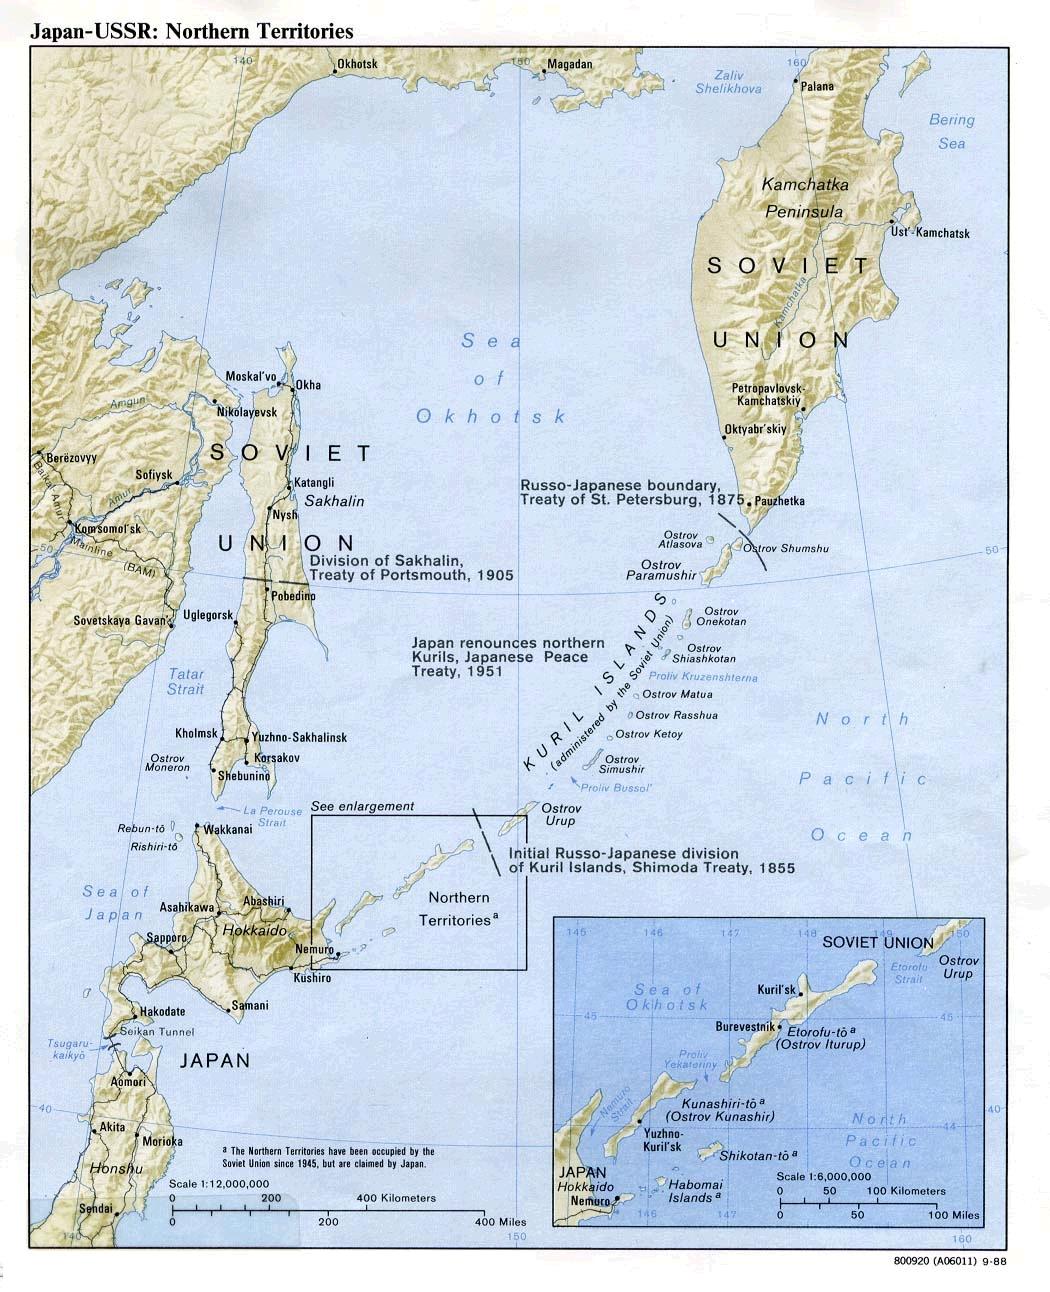 Рядом с нами были американские базы + выход в тихий океан для нашего